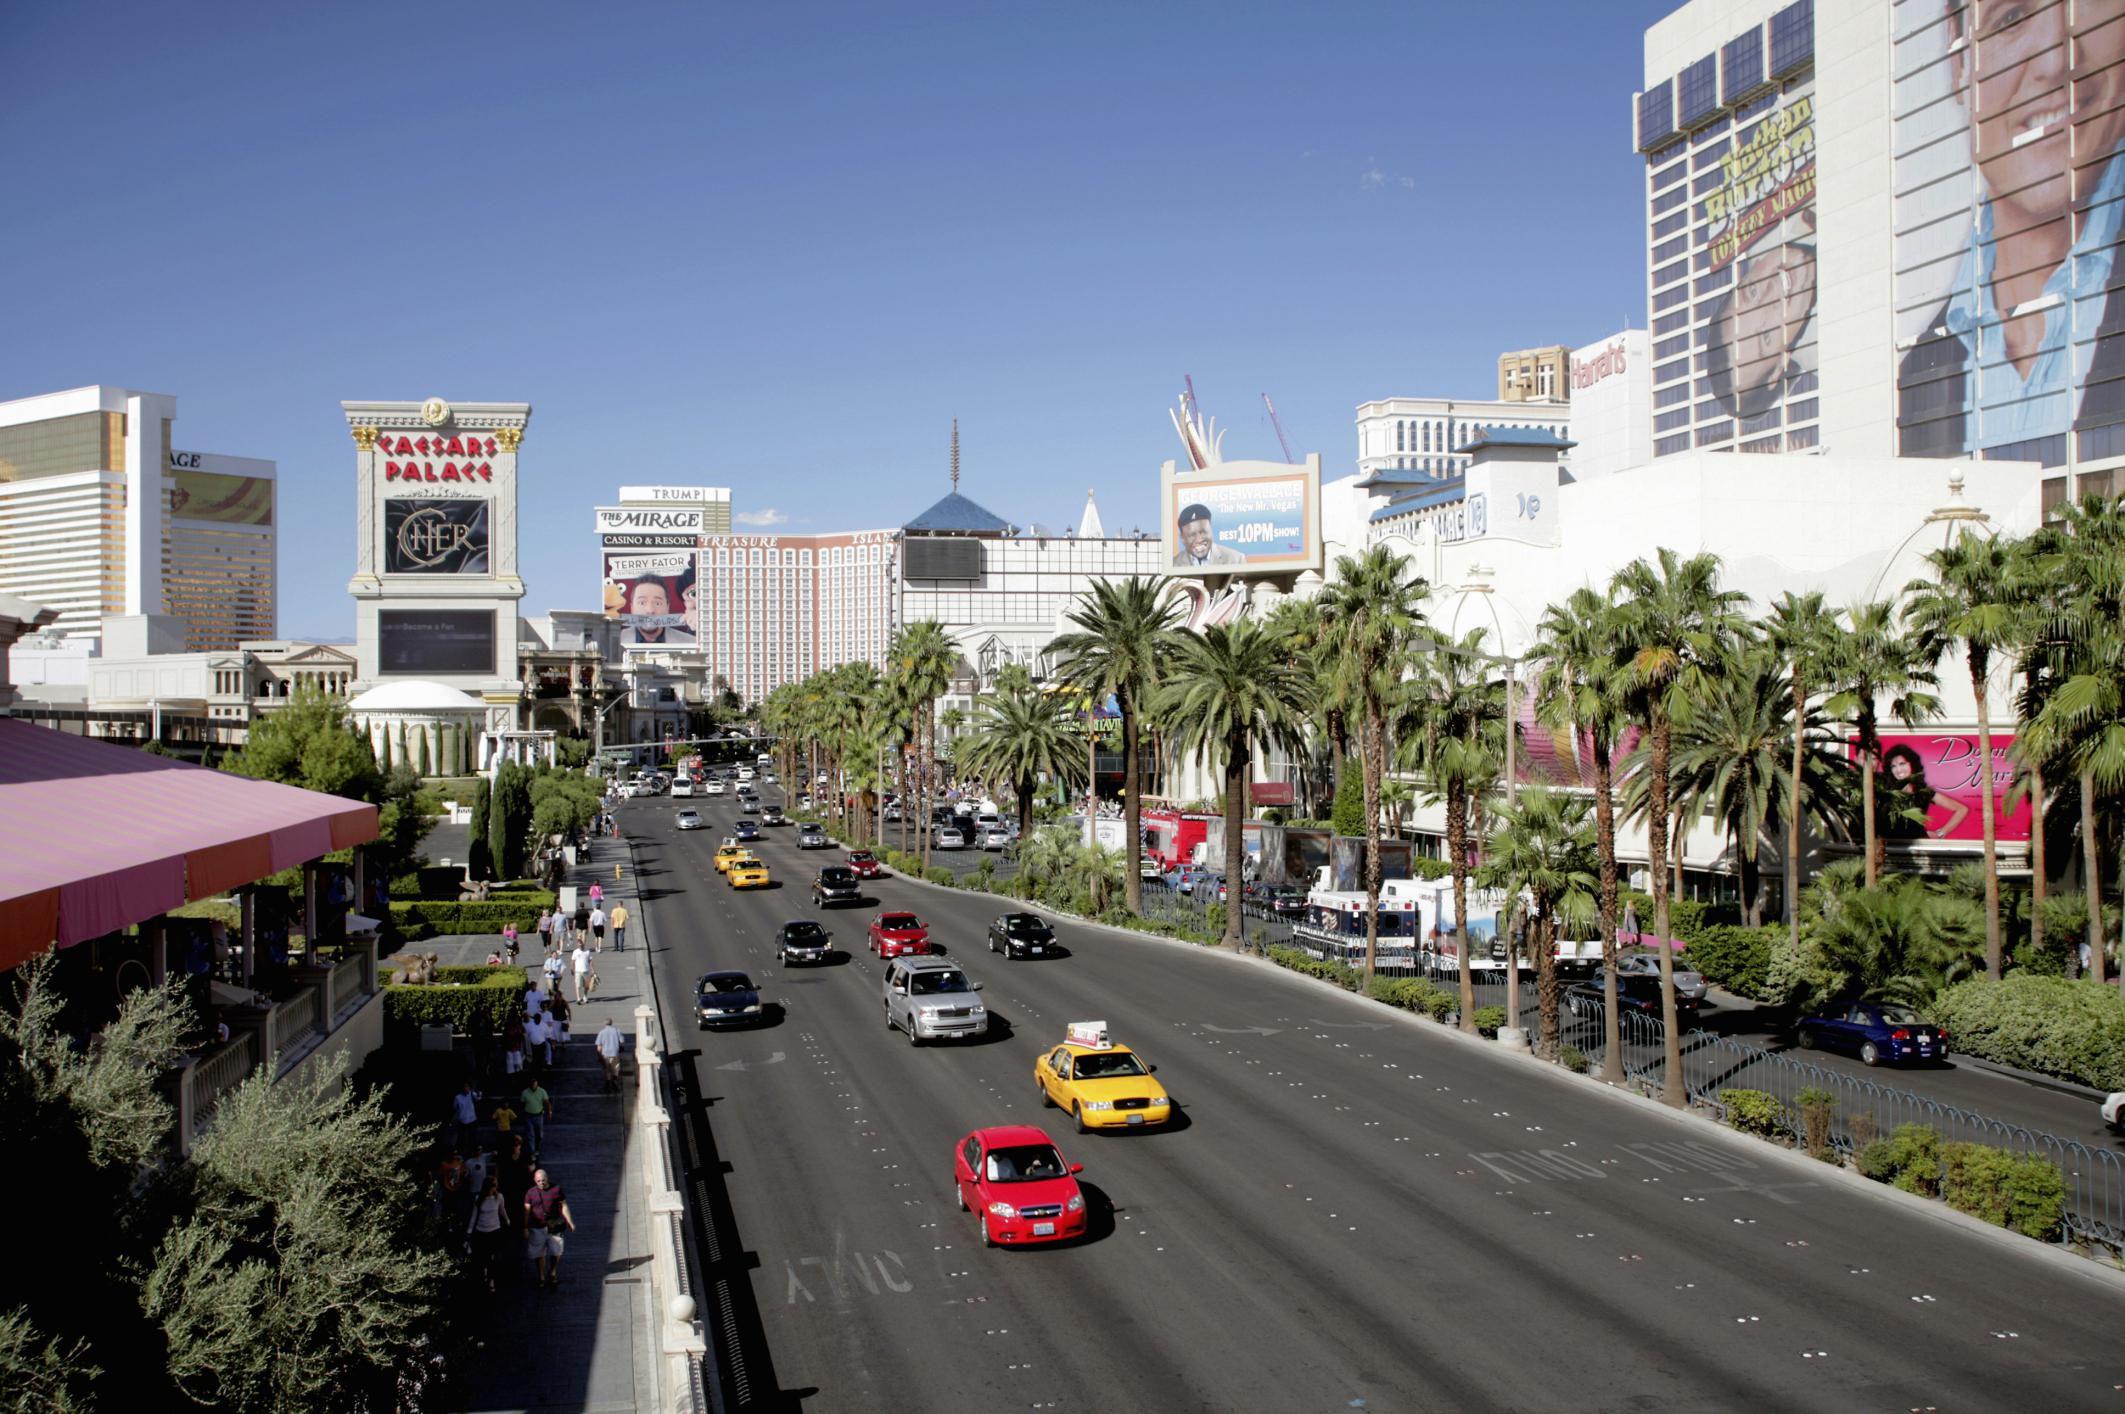 February Weather In Las Vegas - Average december temperature in las vegas